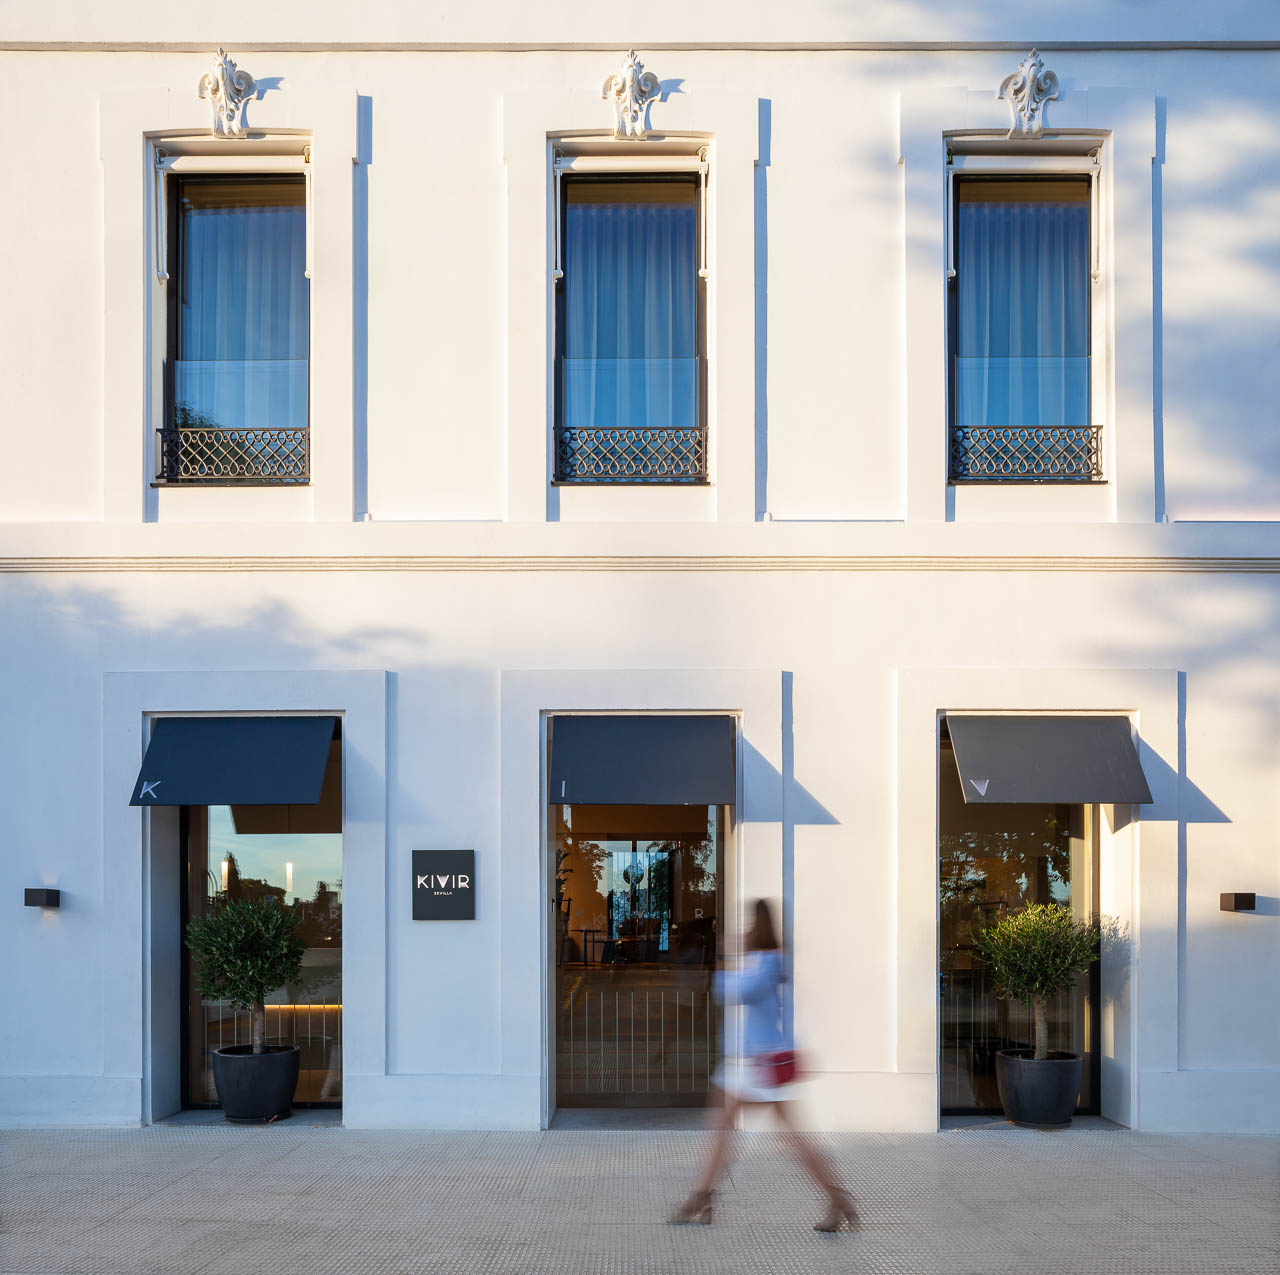 Hotel Kivir Sevilla – Cruz y Ortiz Arquitectos - Manolo Espaliú - Fotografía de Arquitectura